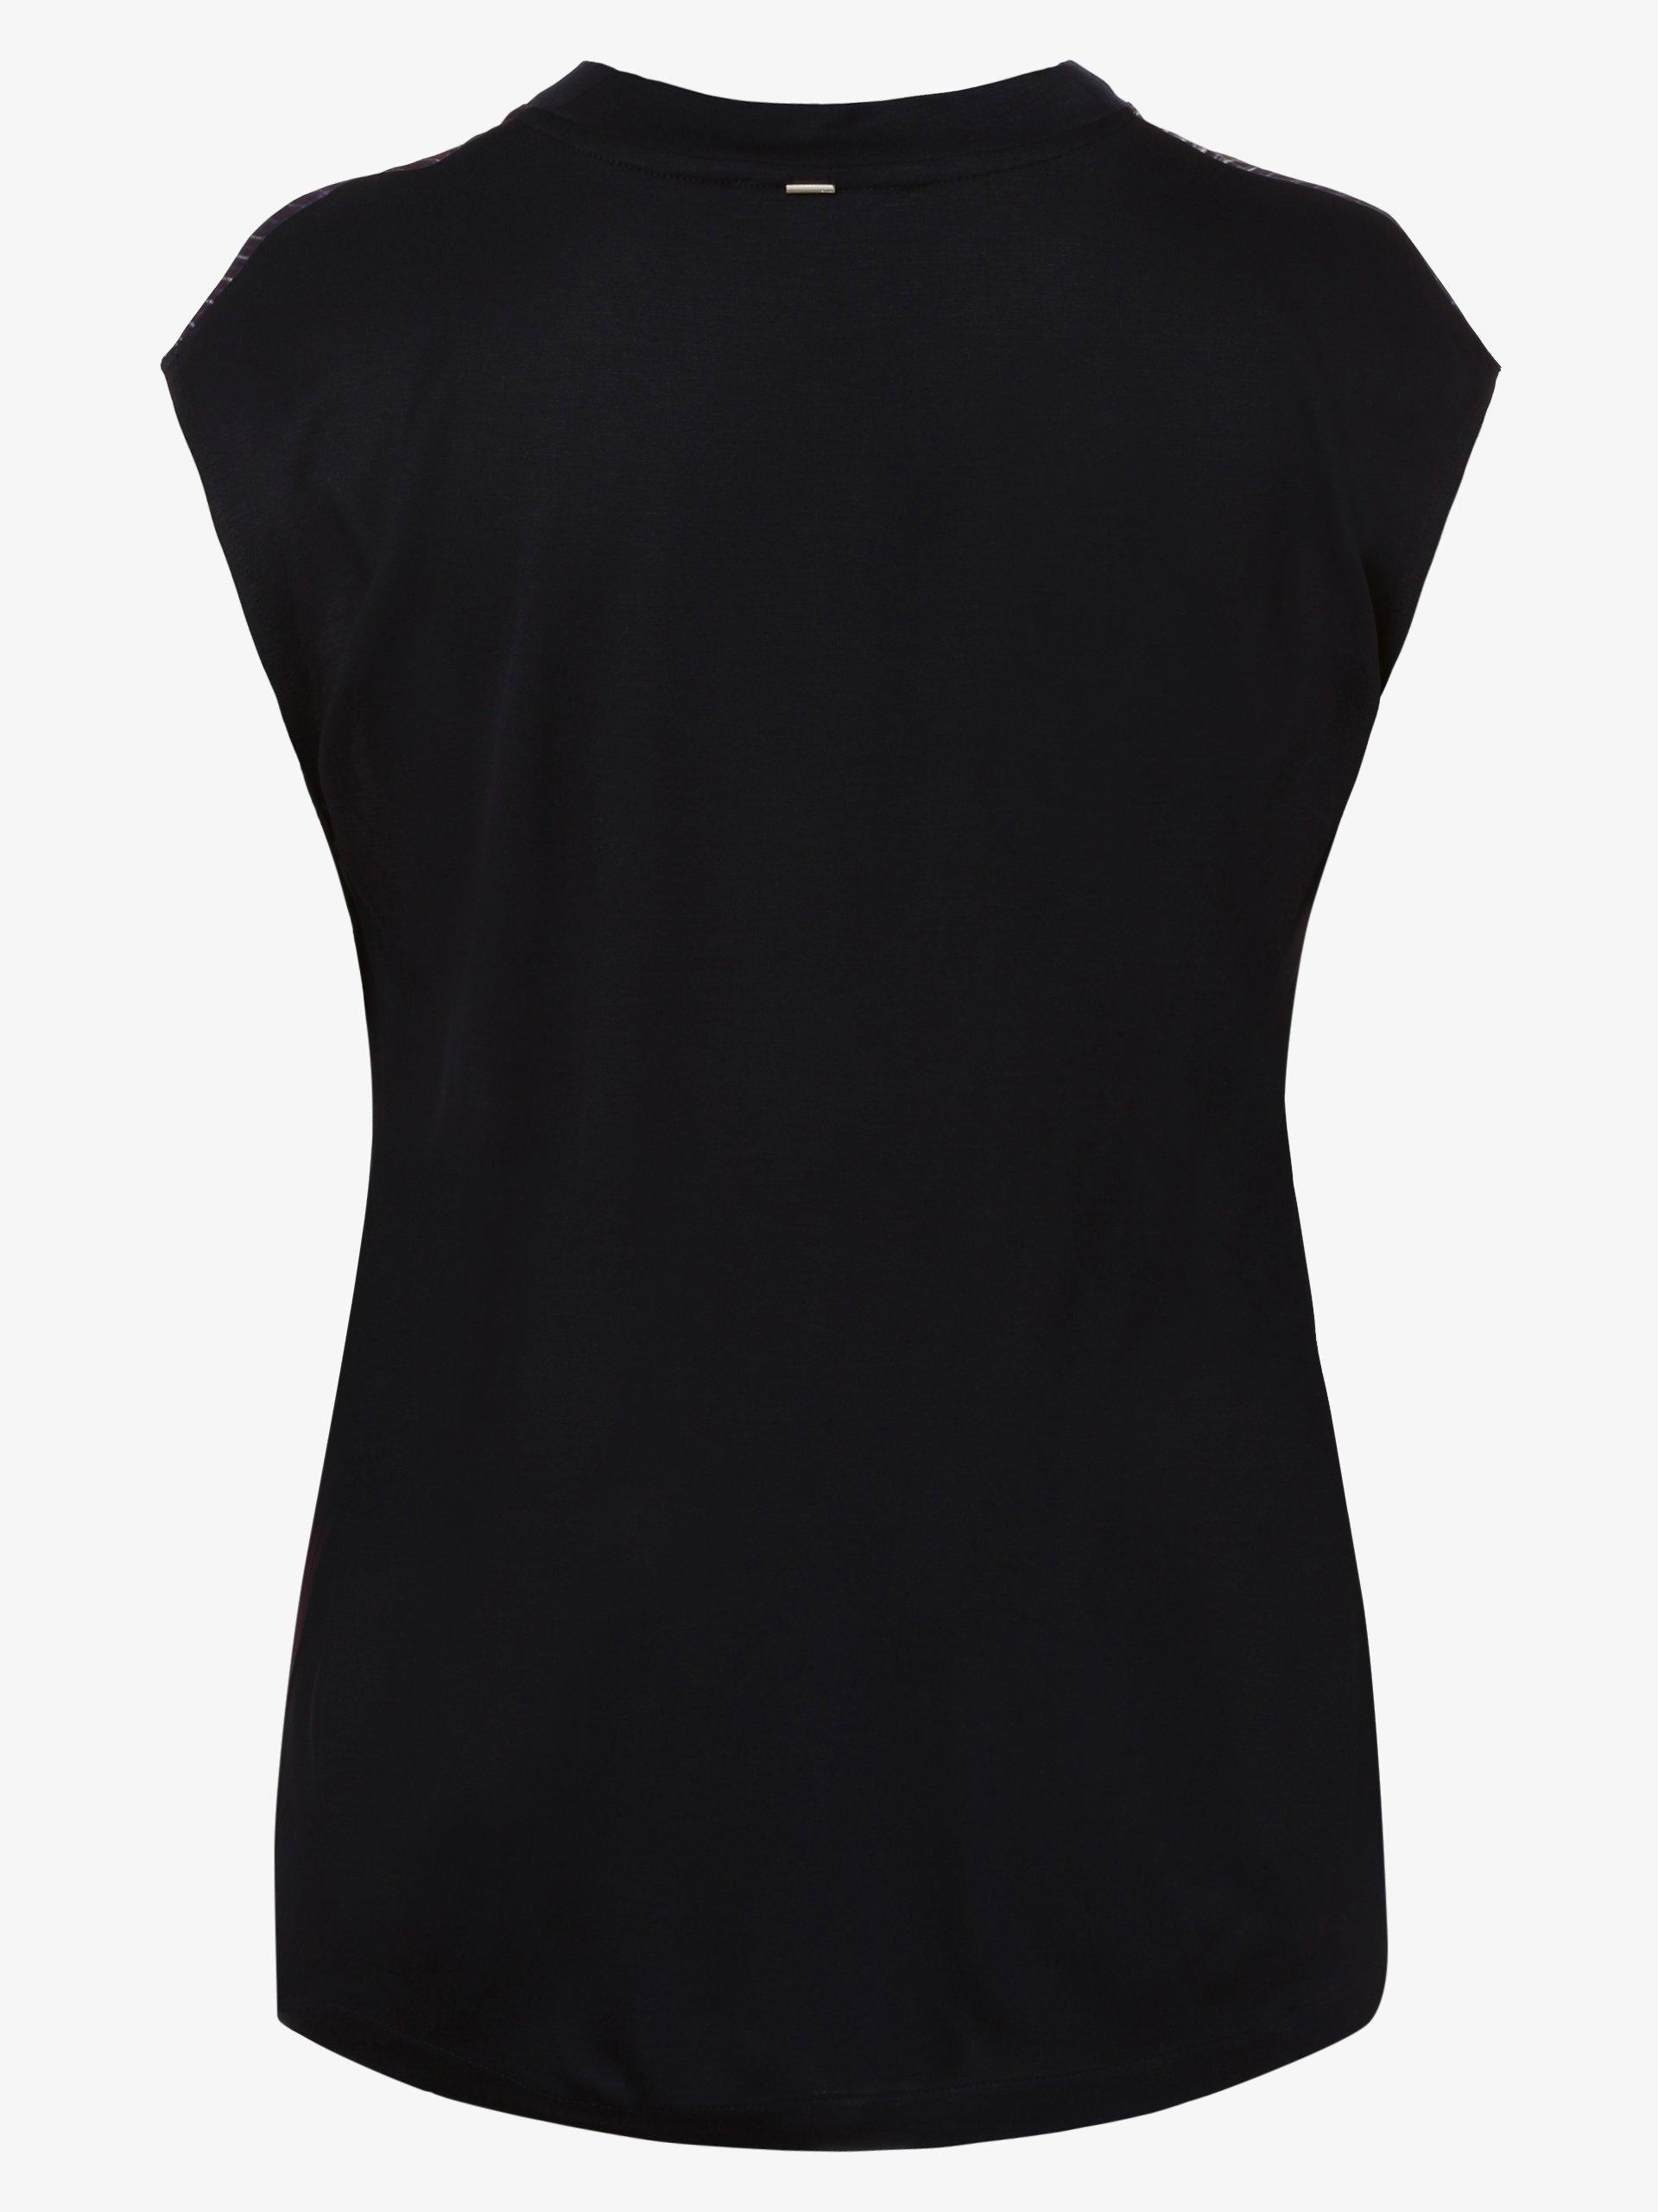 BOSS Damska bluzka bez rękawów z domieszką jedwabiu – Elaida